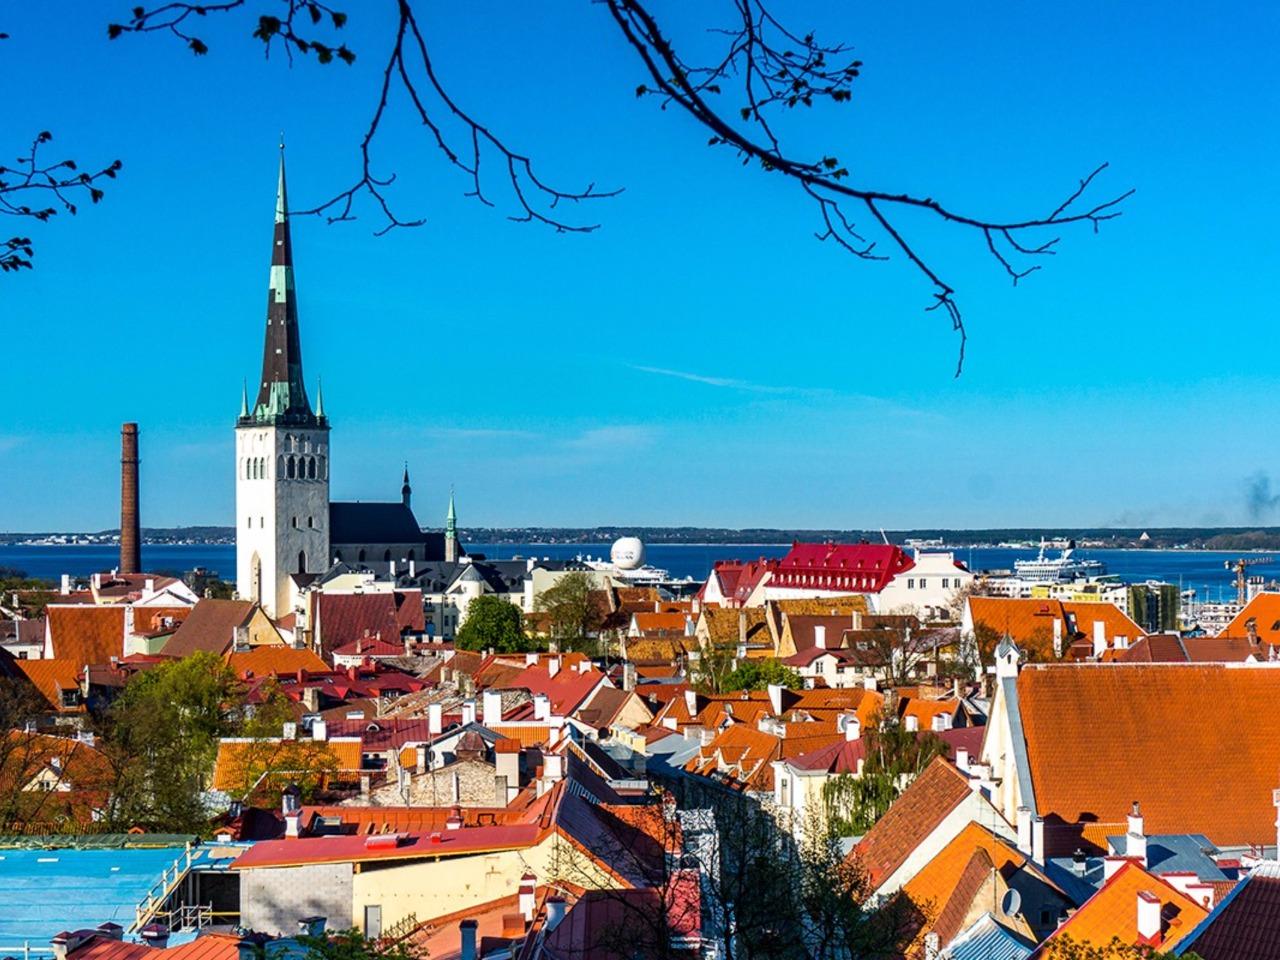 Таллин: средневековый город на берегу моря - индивидуальная экскурсия в Таллине от опытного гида